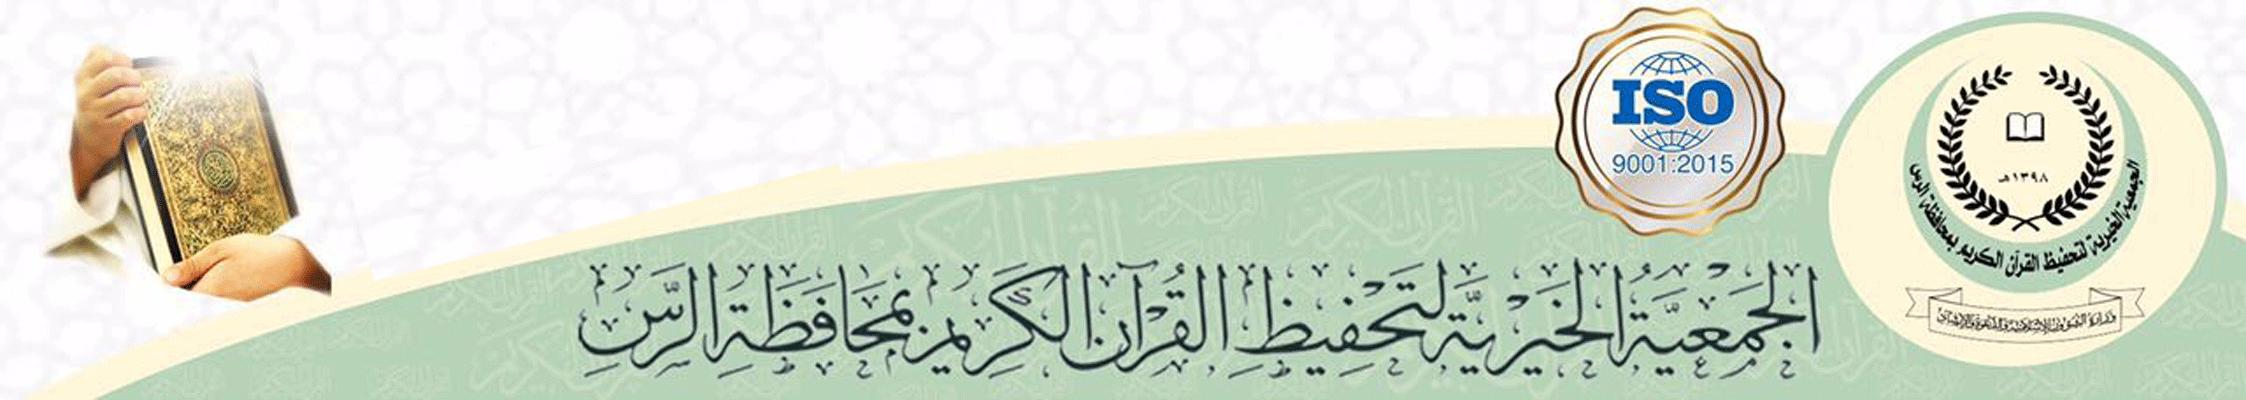 الجمعية الخيرية لتحفيظ القرآن الكريم بمحافظة الرس